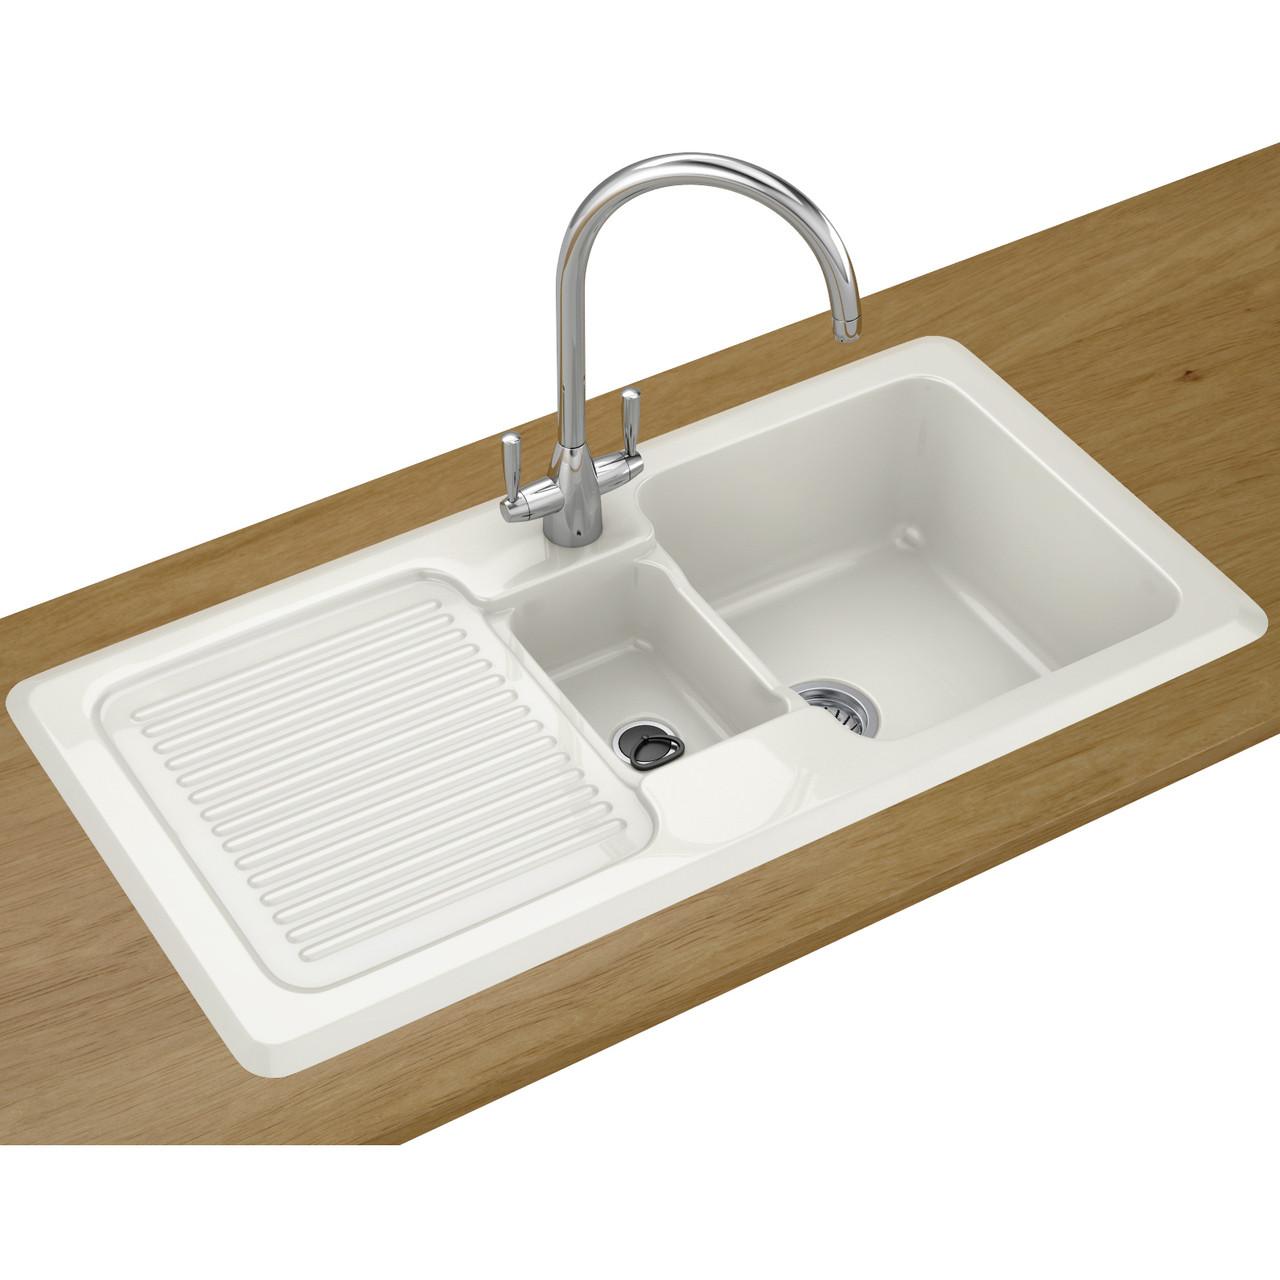 franke vbk651 ceramic kitchen sink sinks. Black Bedroom Furniture Sets. Home Design Ideas